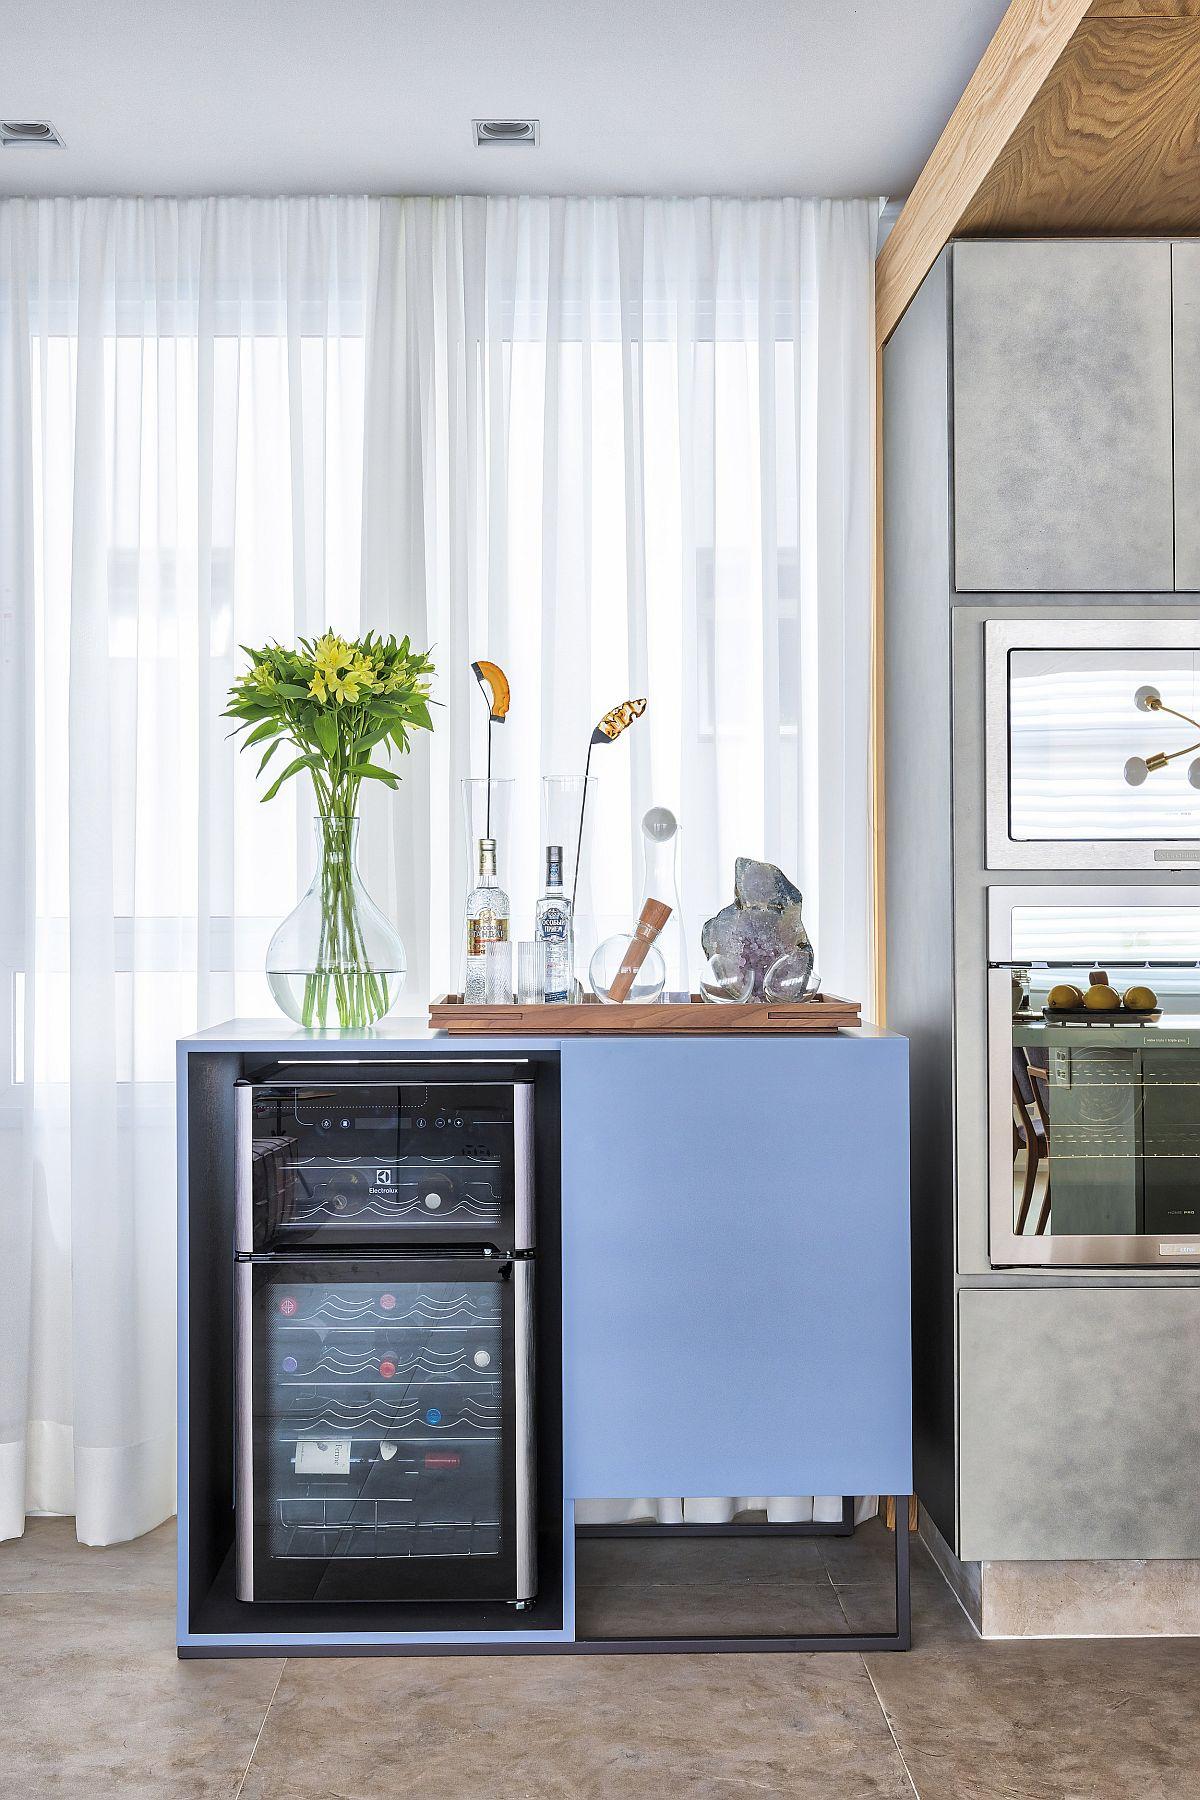 Corp de mobilier realizat pe comandă, după proiectul arhitectelor, pentru frigiderul dedicat vinurilor.